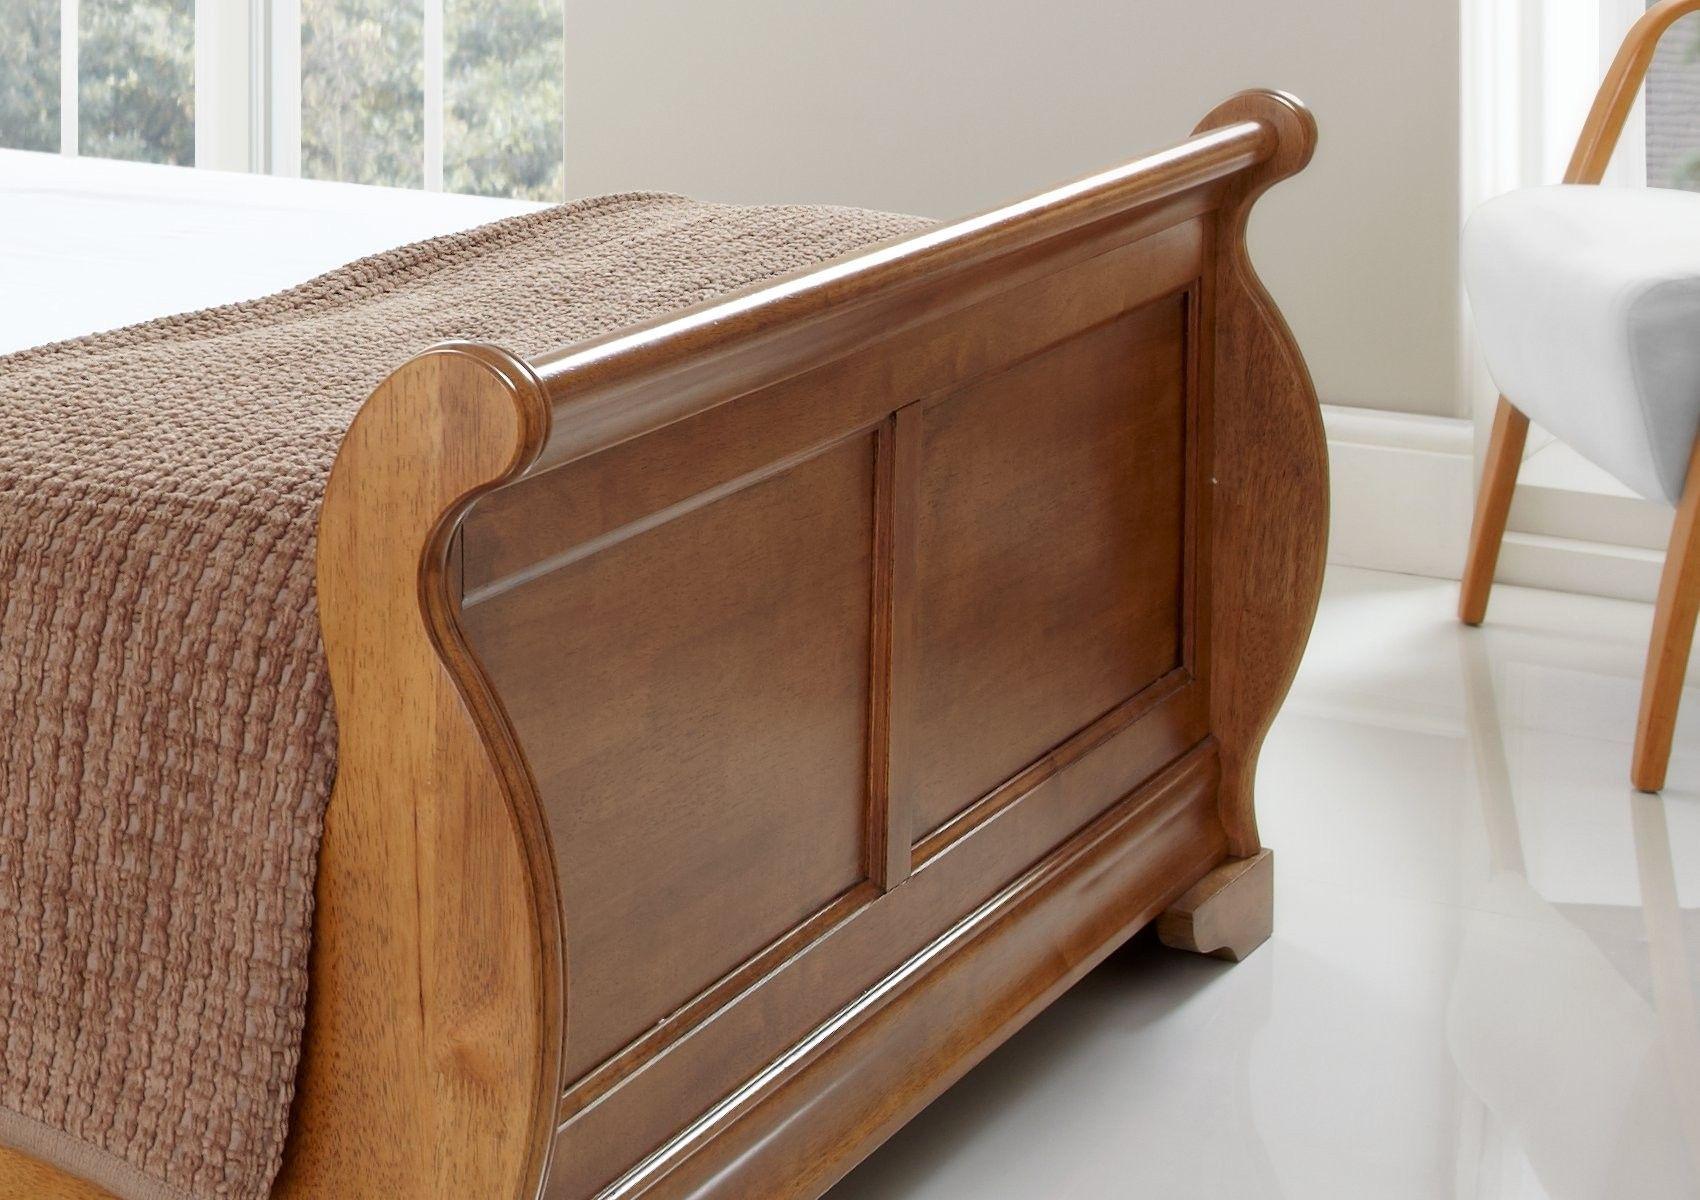 Best Louie Wooden Sleigh Bed Oak Finish In 2020 Wooden 400 x 300